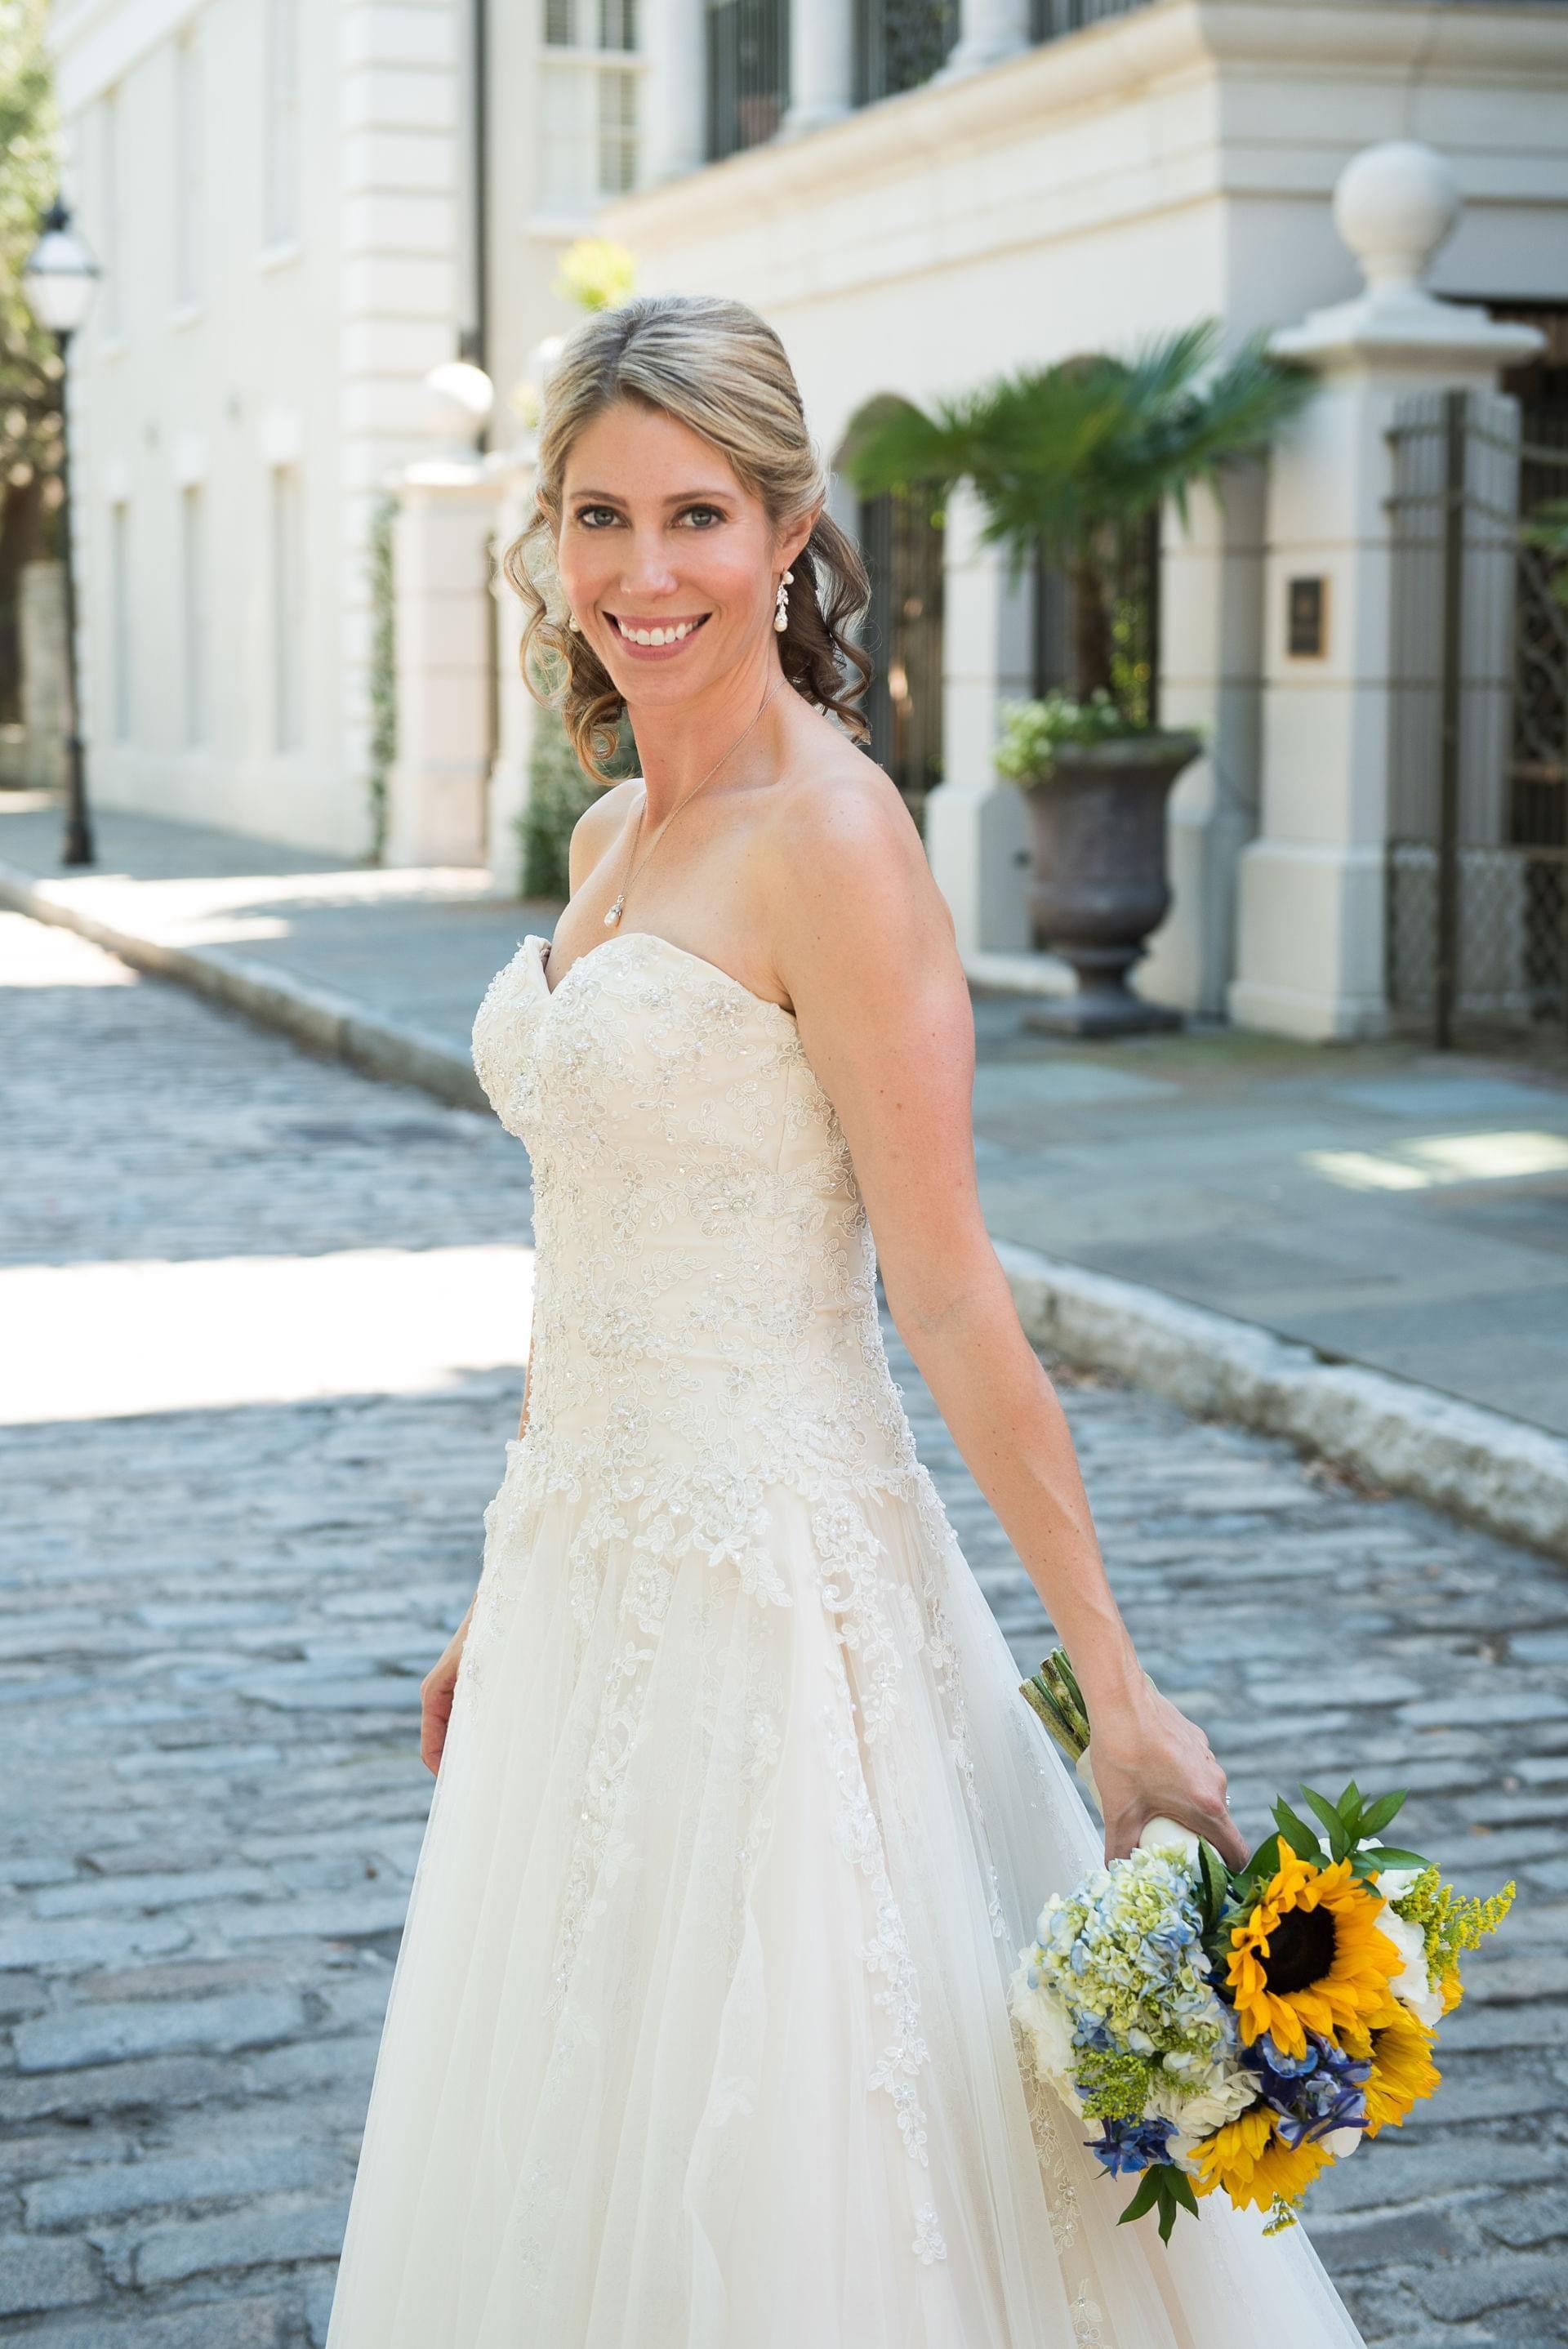 the smarter way to wed | pinterest | real weddings, wedding and weddings